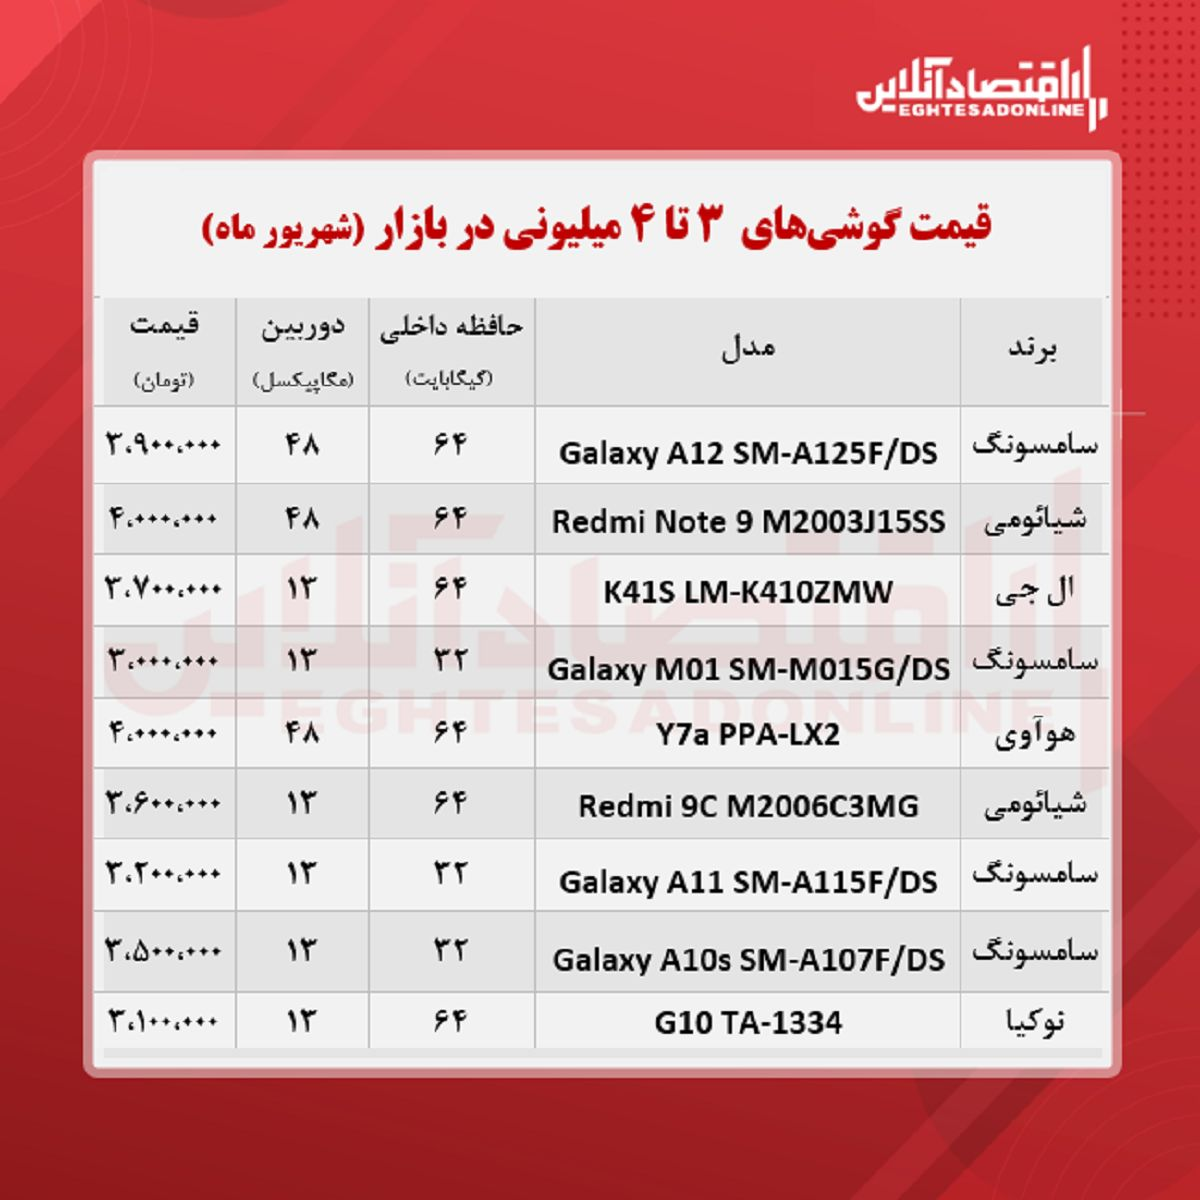 قیمت گوشی (محدوده ۴ میلیون تومان)